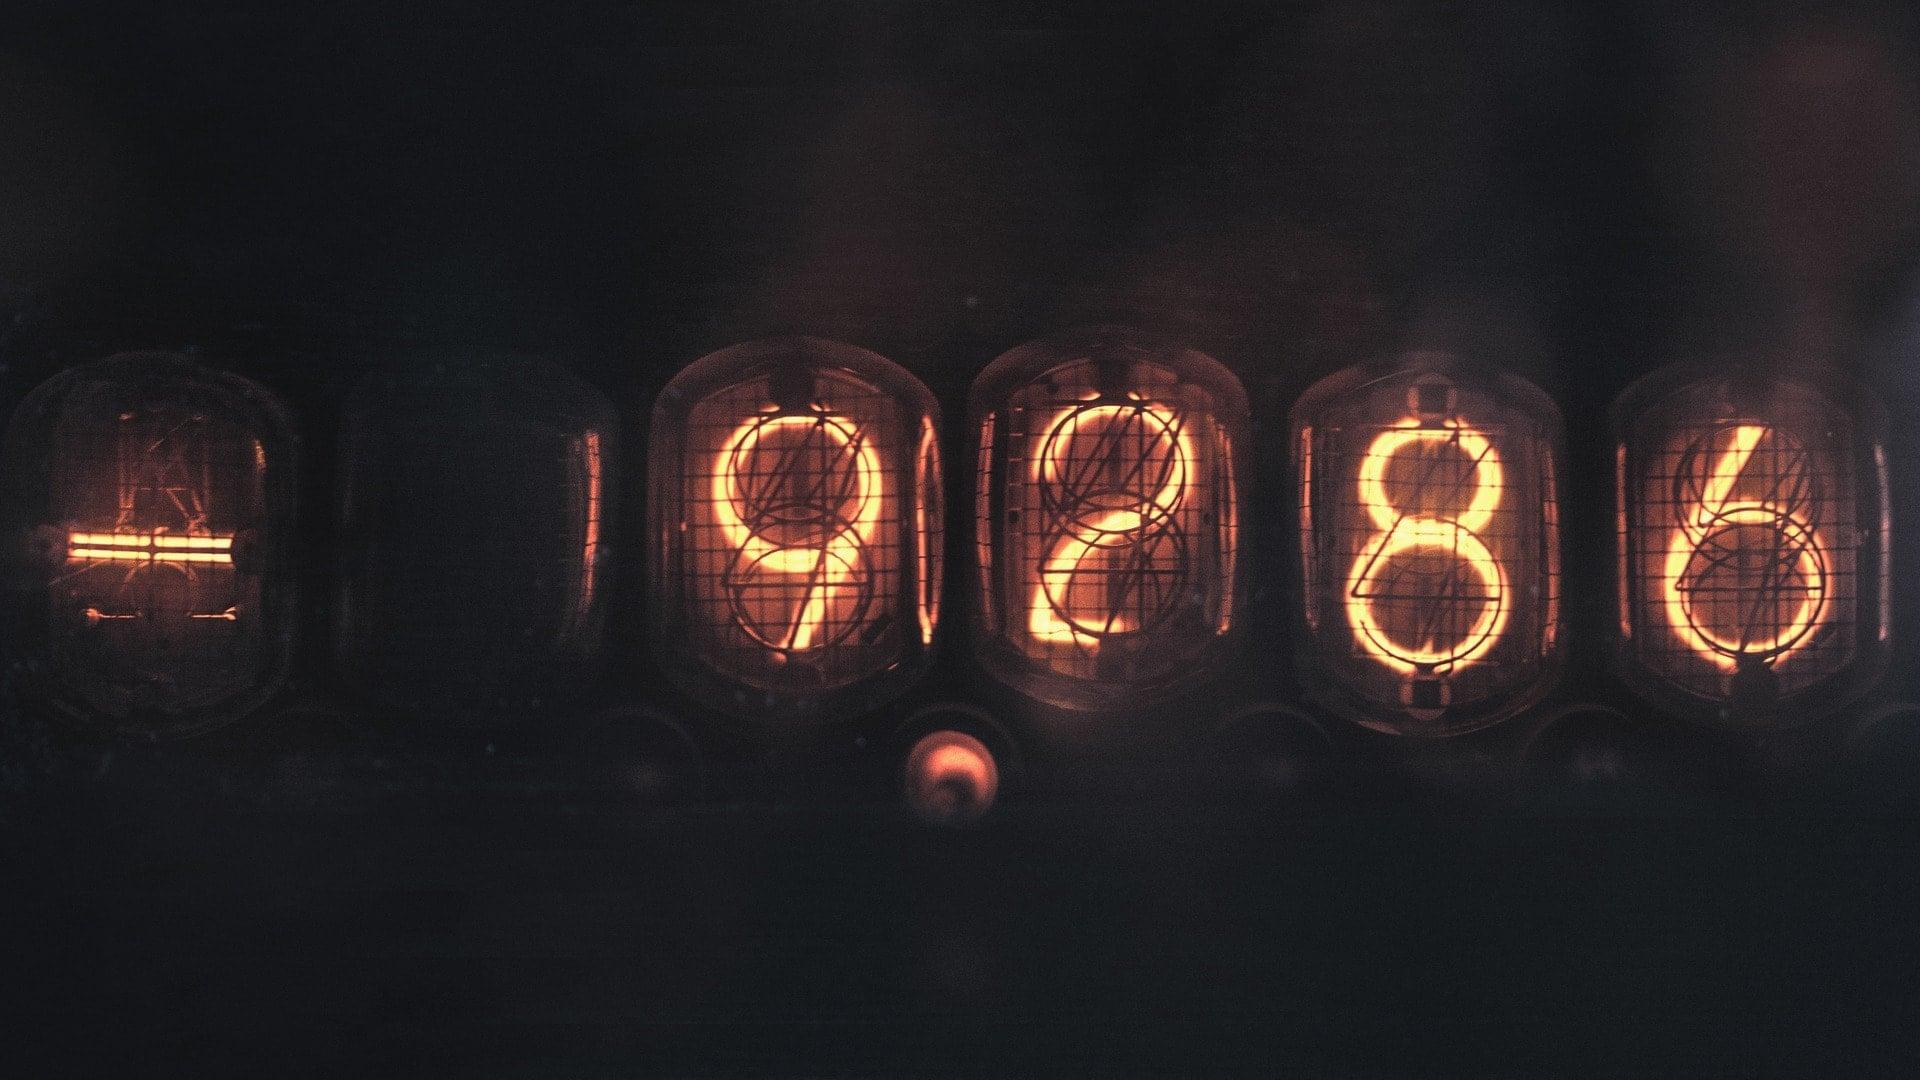 Obraz przedstawiające neonowe cyfry